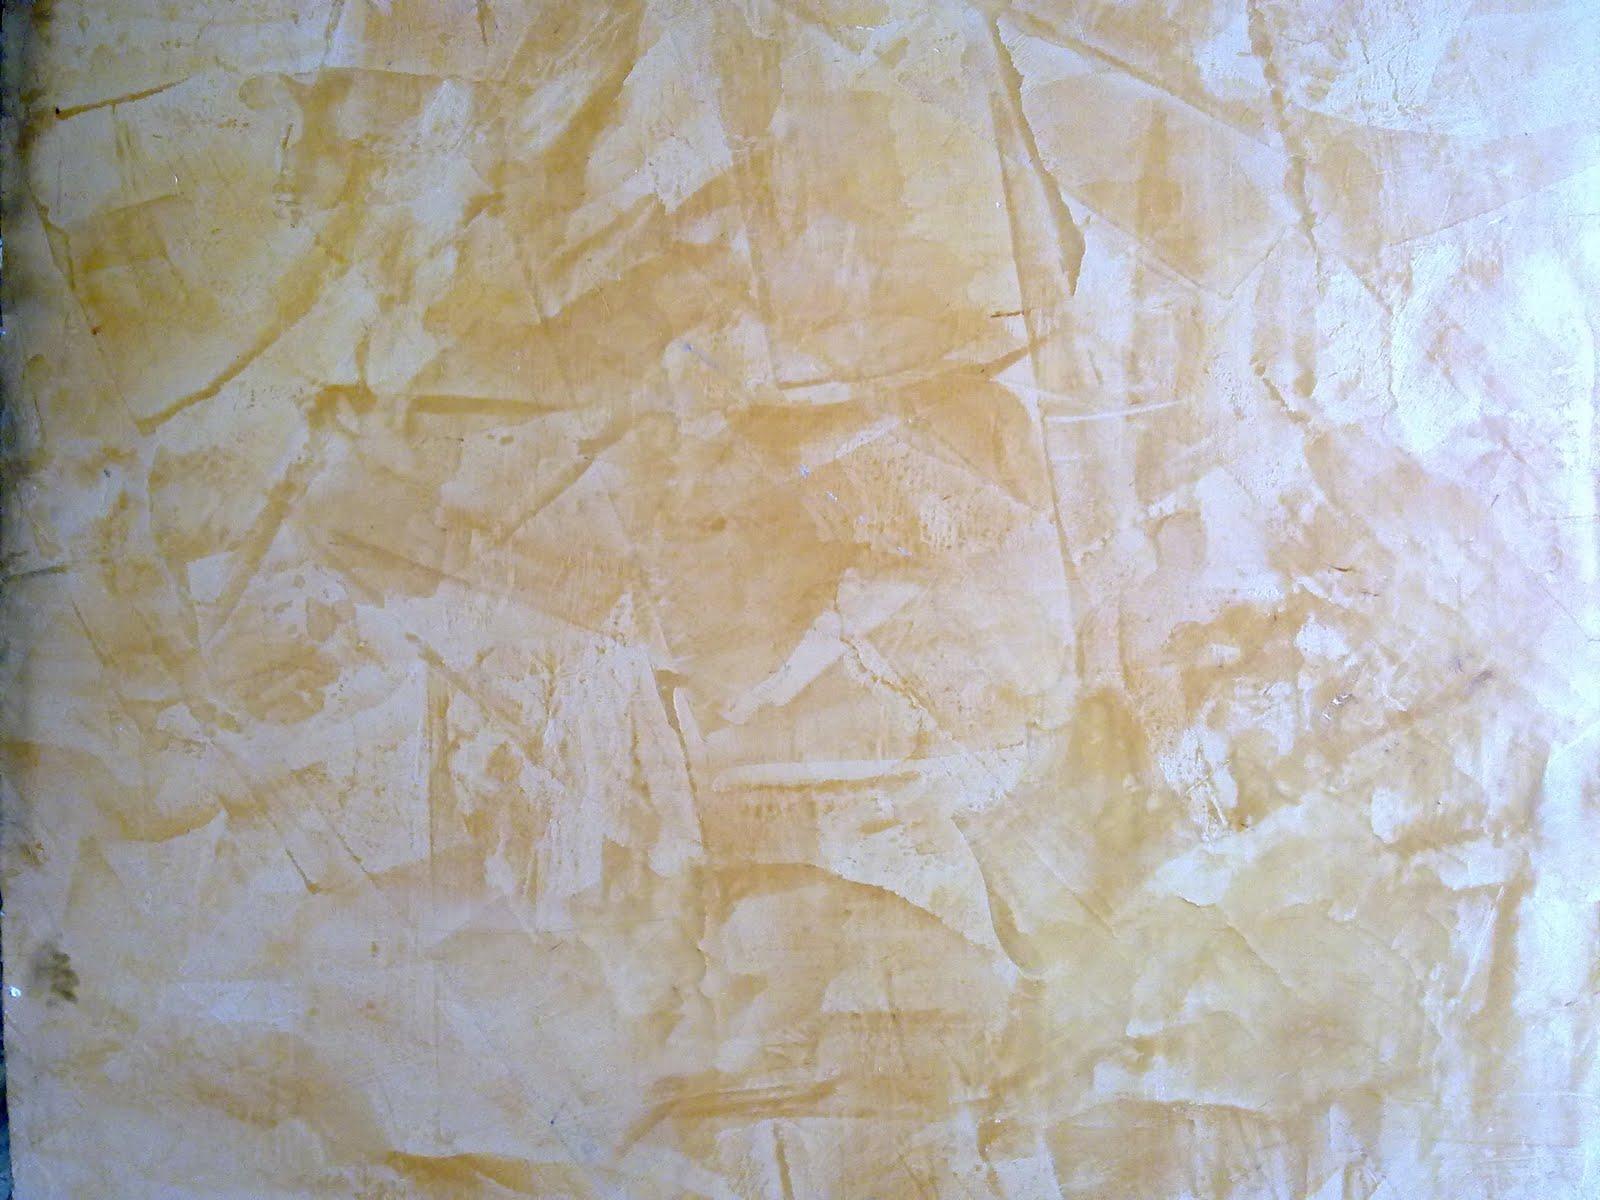 Pinturas lleni estuco veneciano - Pintura de pared ...